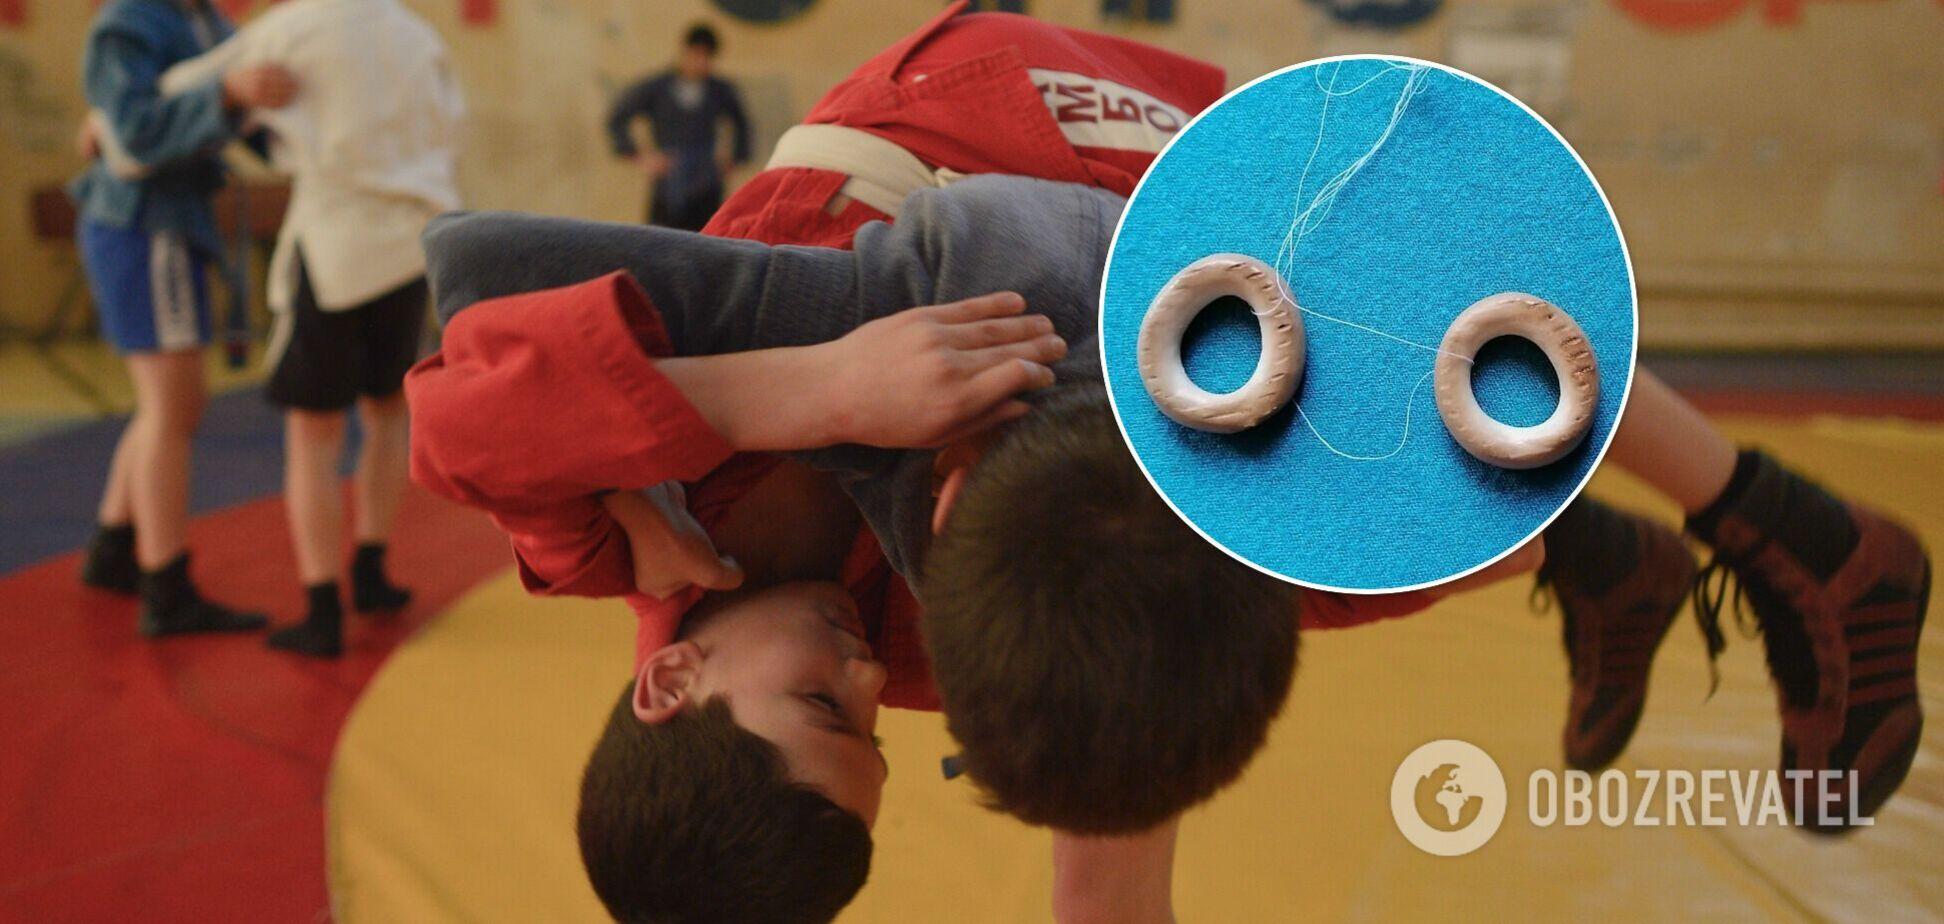 В России призерам турнира вместо медалей повесили на шею сушки. Фотофакт